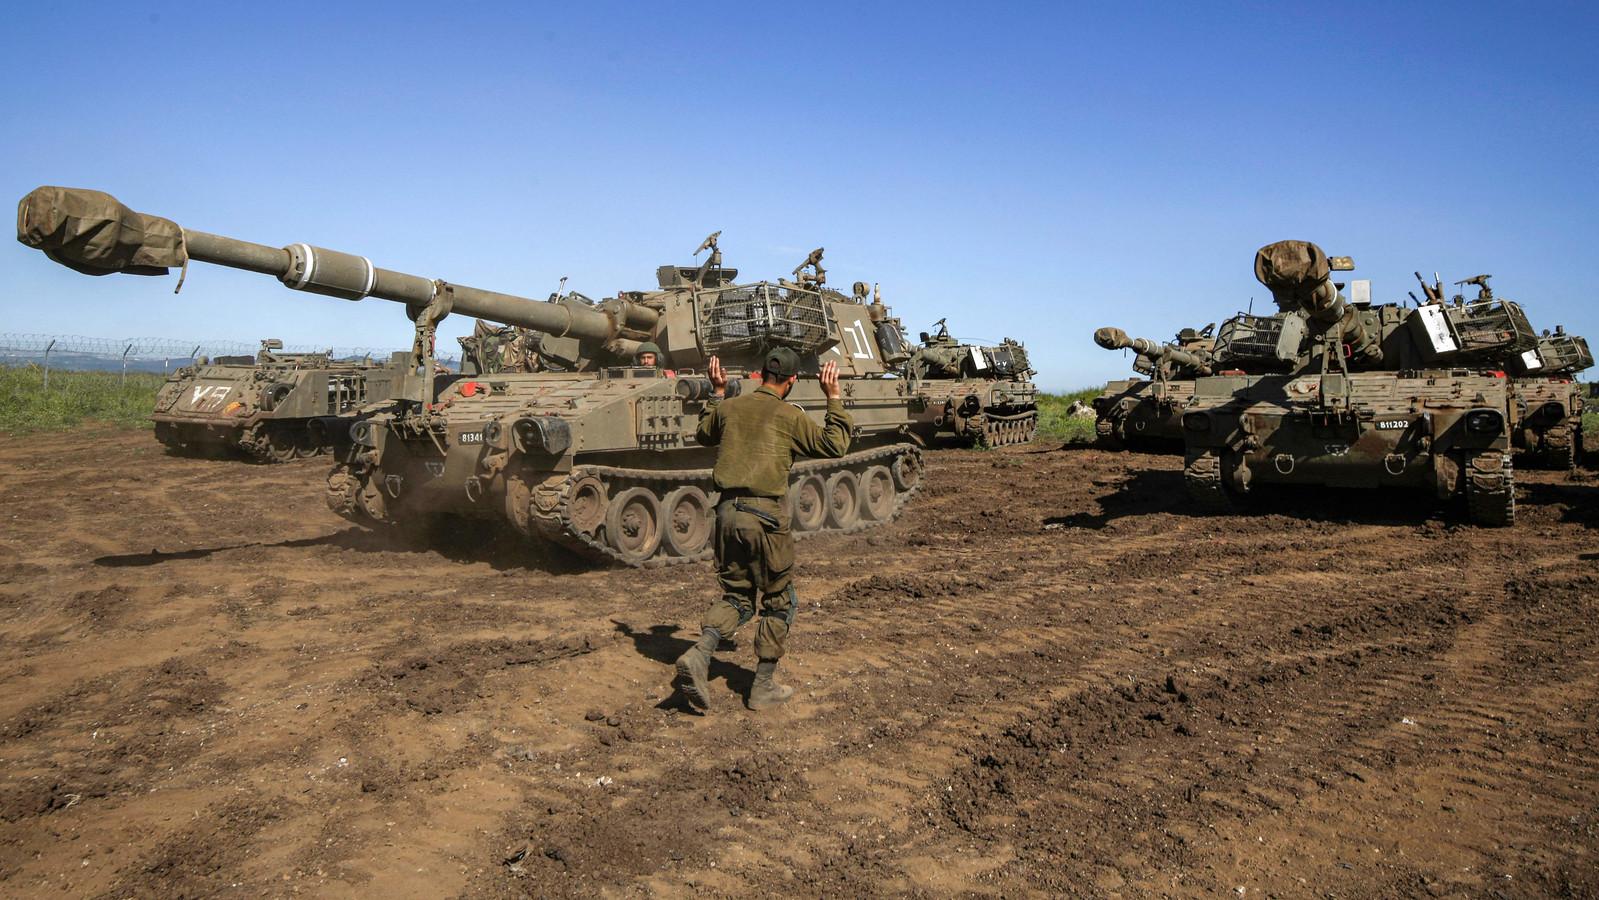 M109 houwitsers van het Israëlisch leger. (foto ter illustratie)